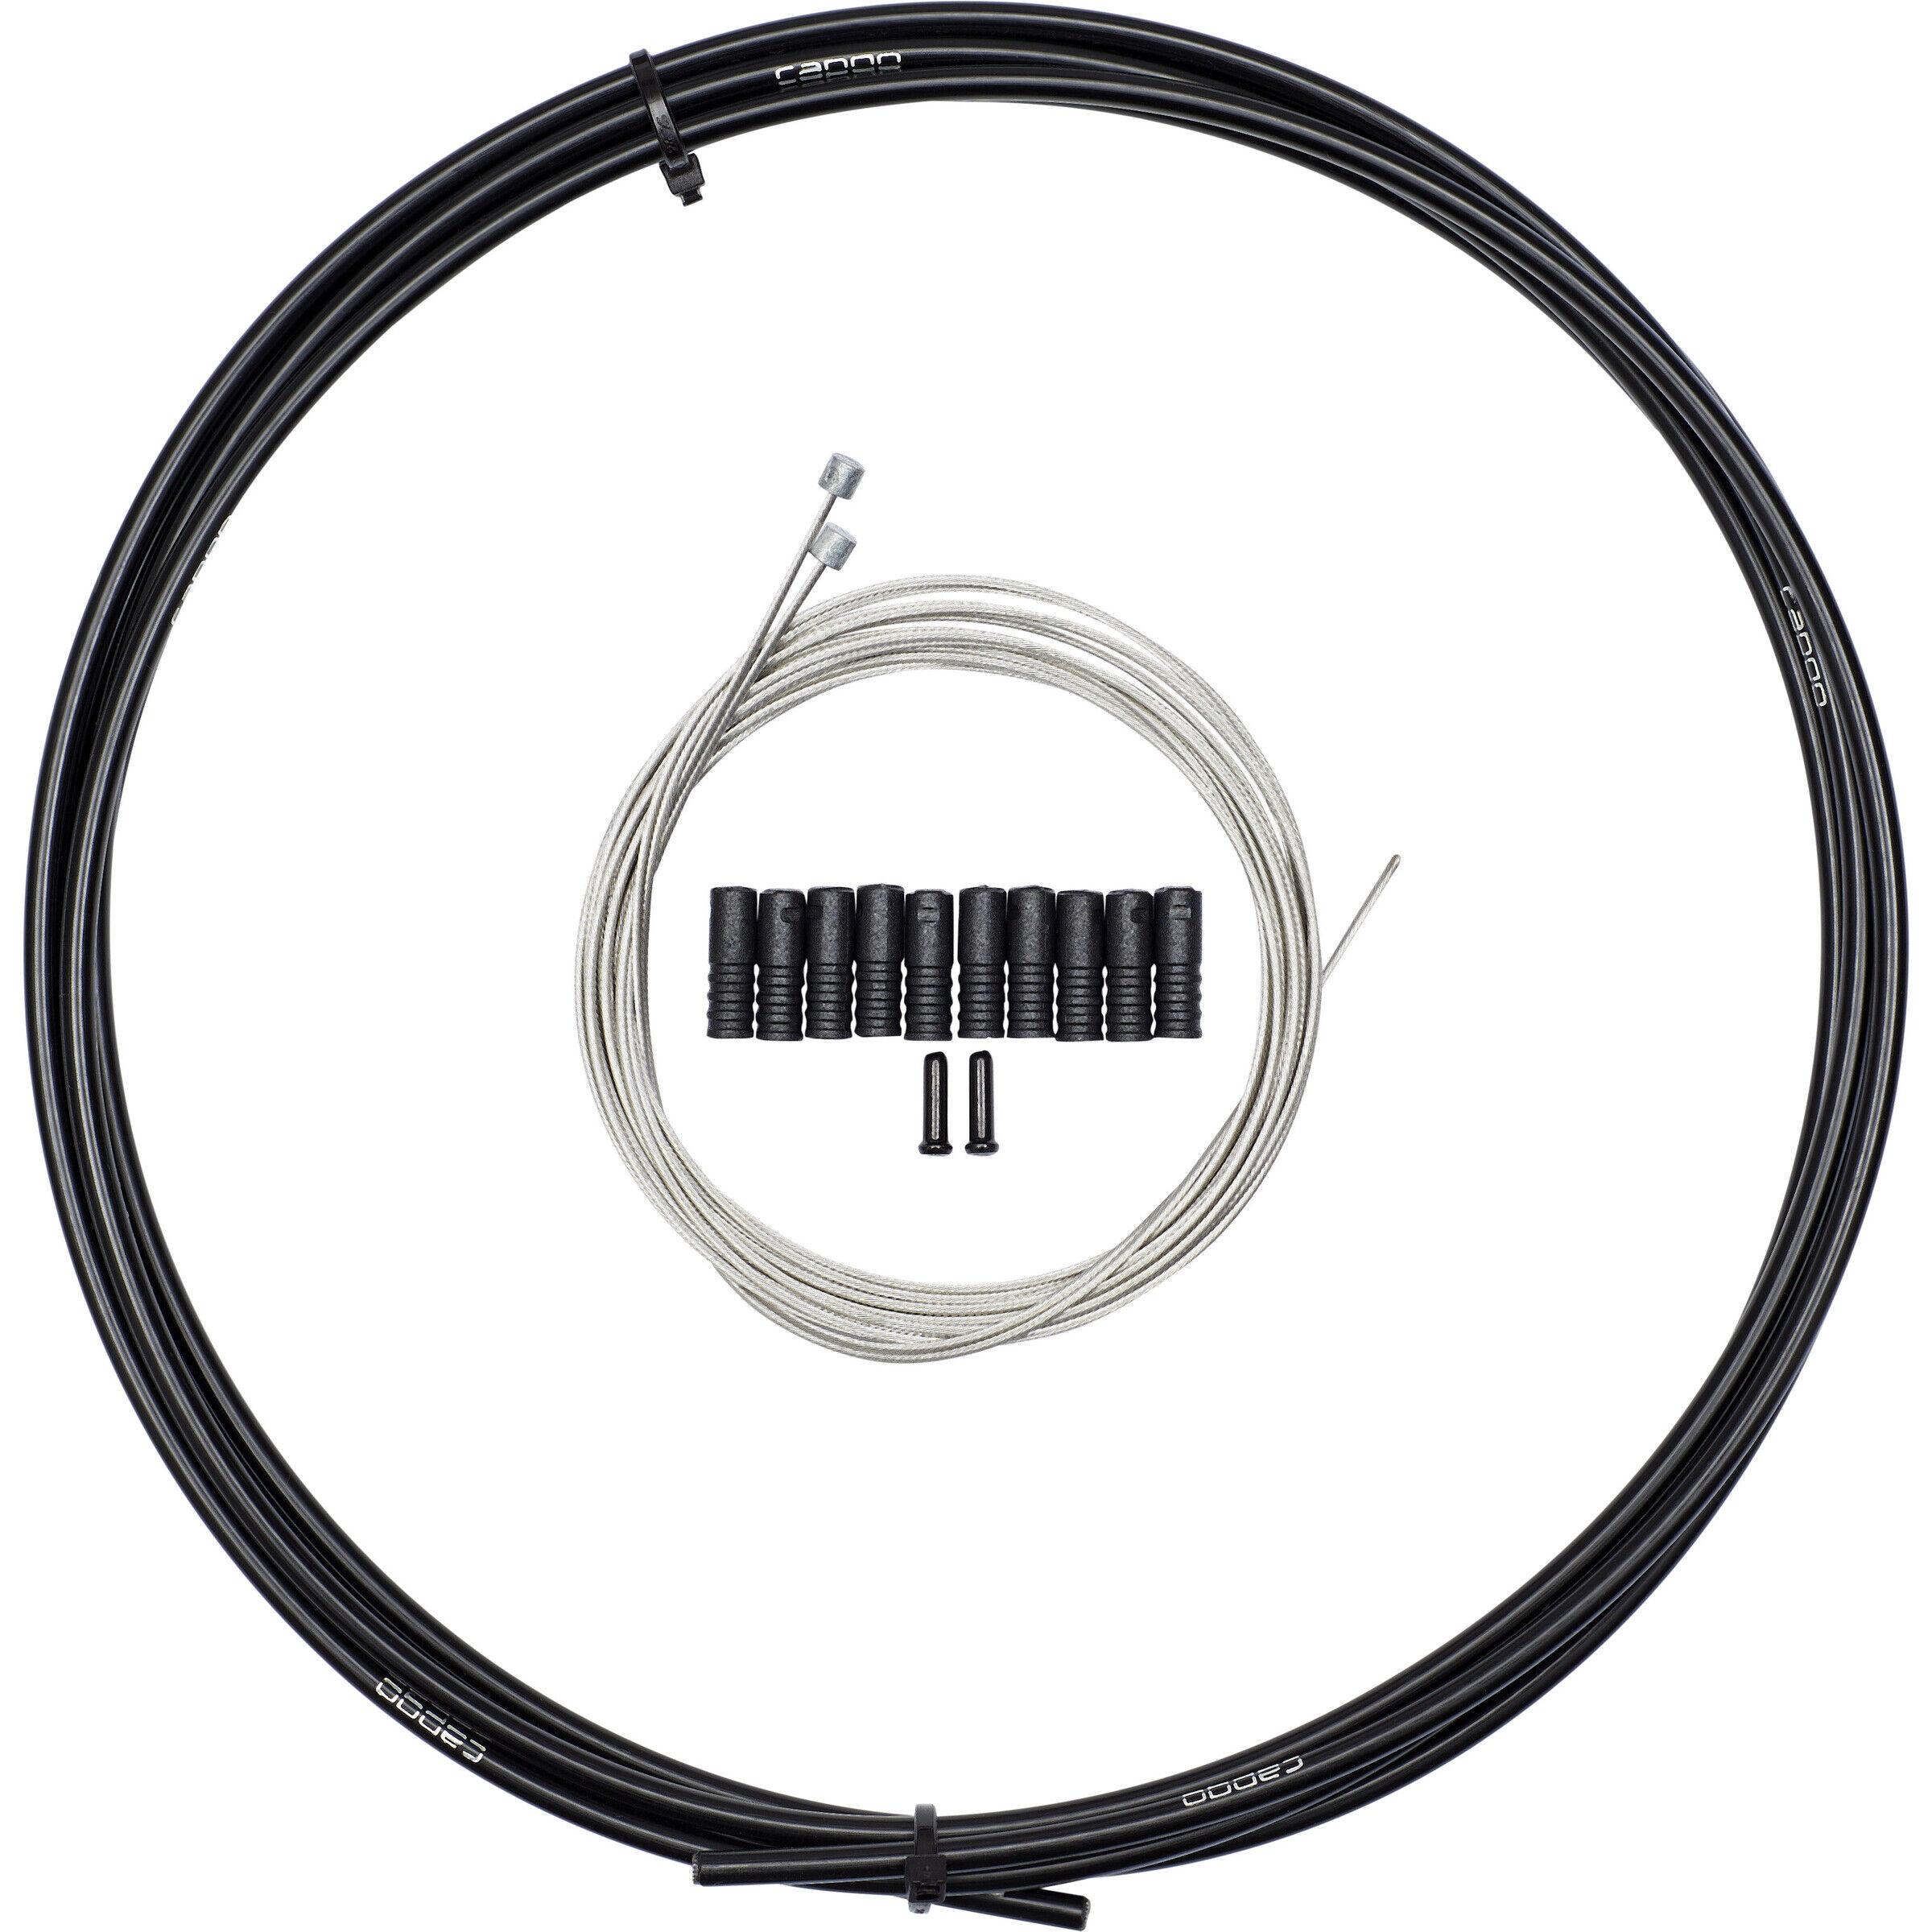 Capgo Cable Systems Schaltzug-Set Eco Line für Shimano//SRAM MTB lang schwarz